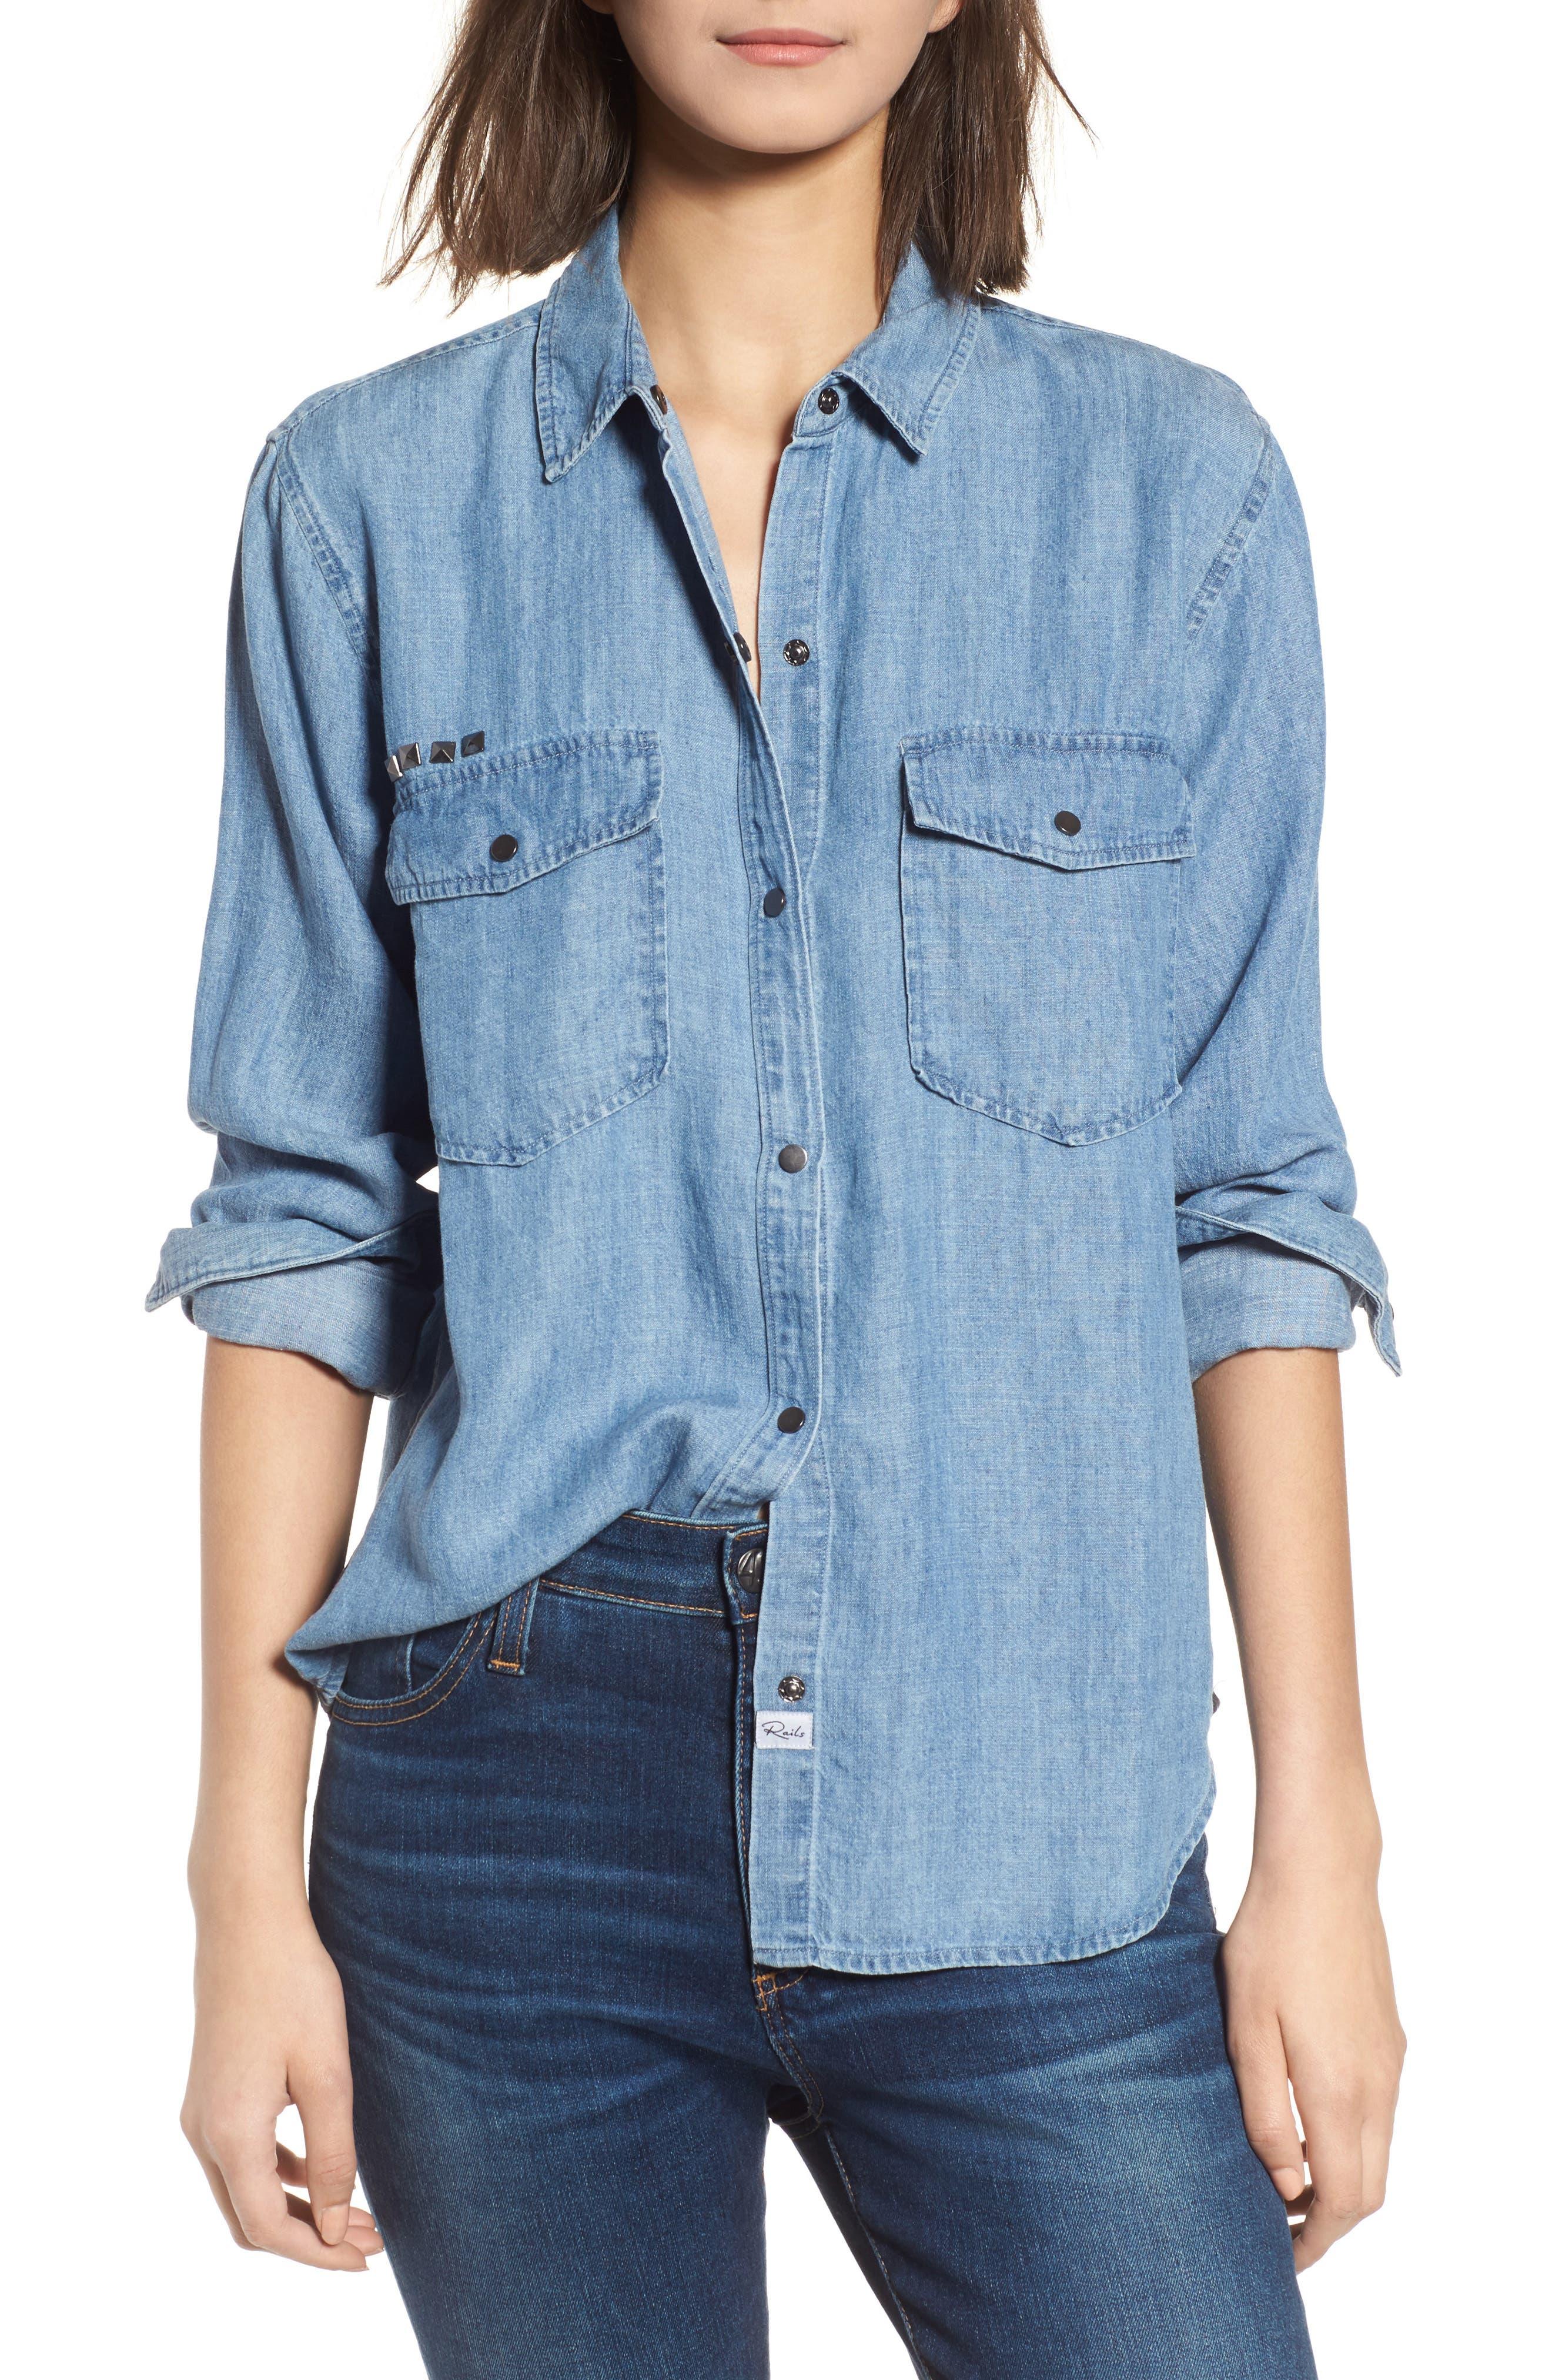 Kade Denim Shirt,                         Main,                         color, Medium Vintage